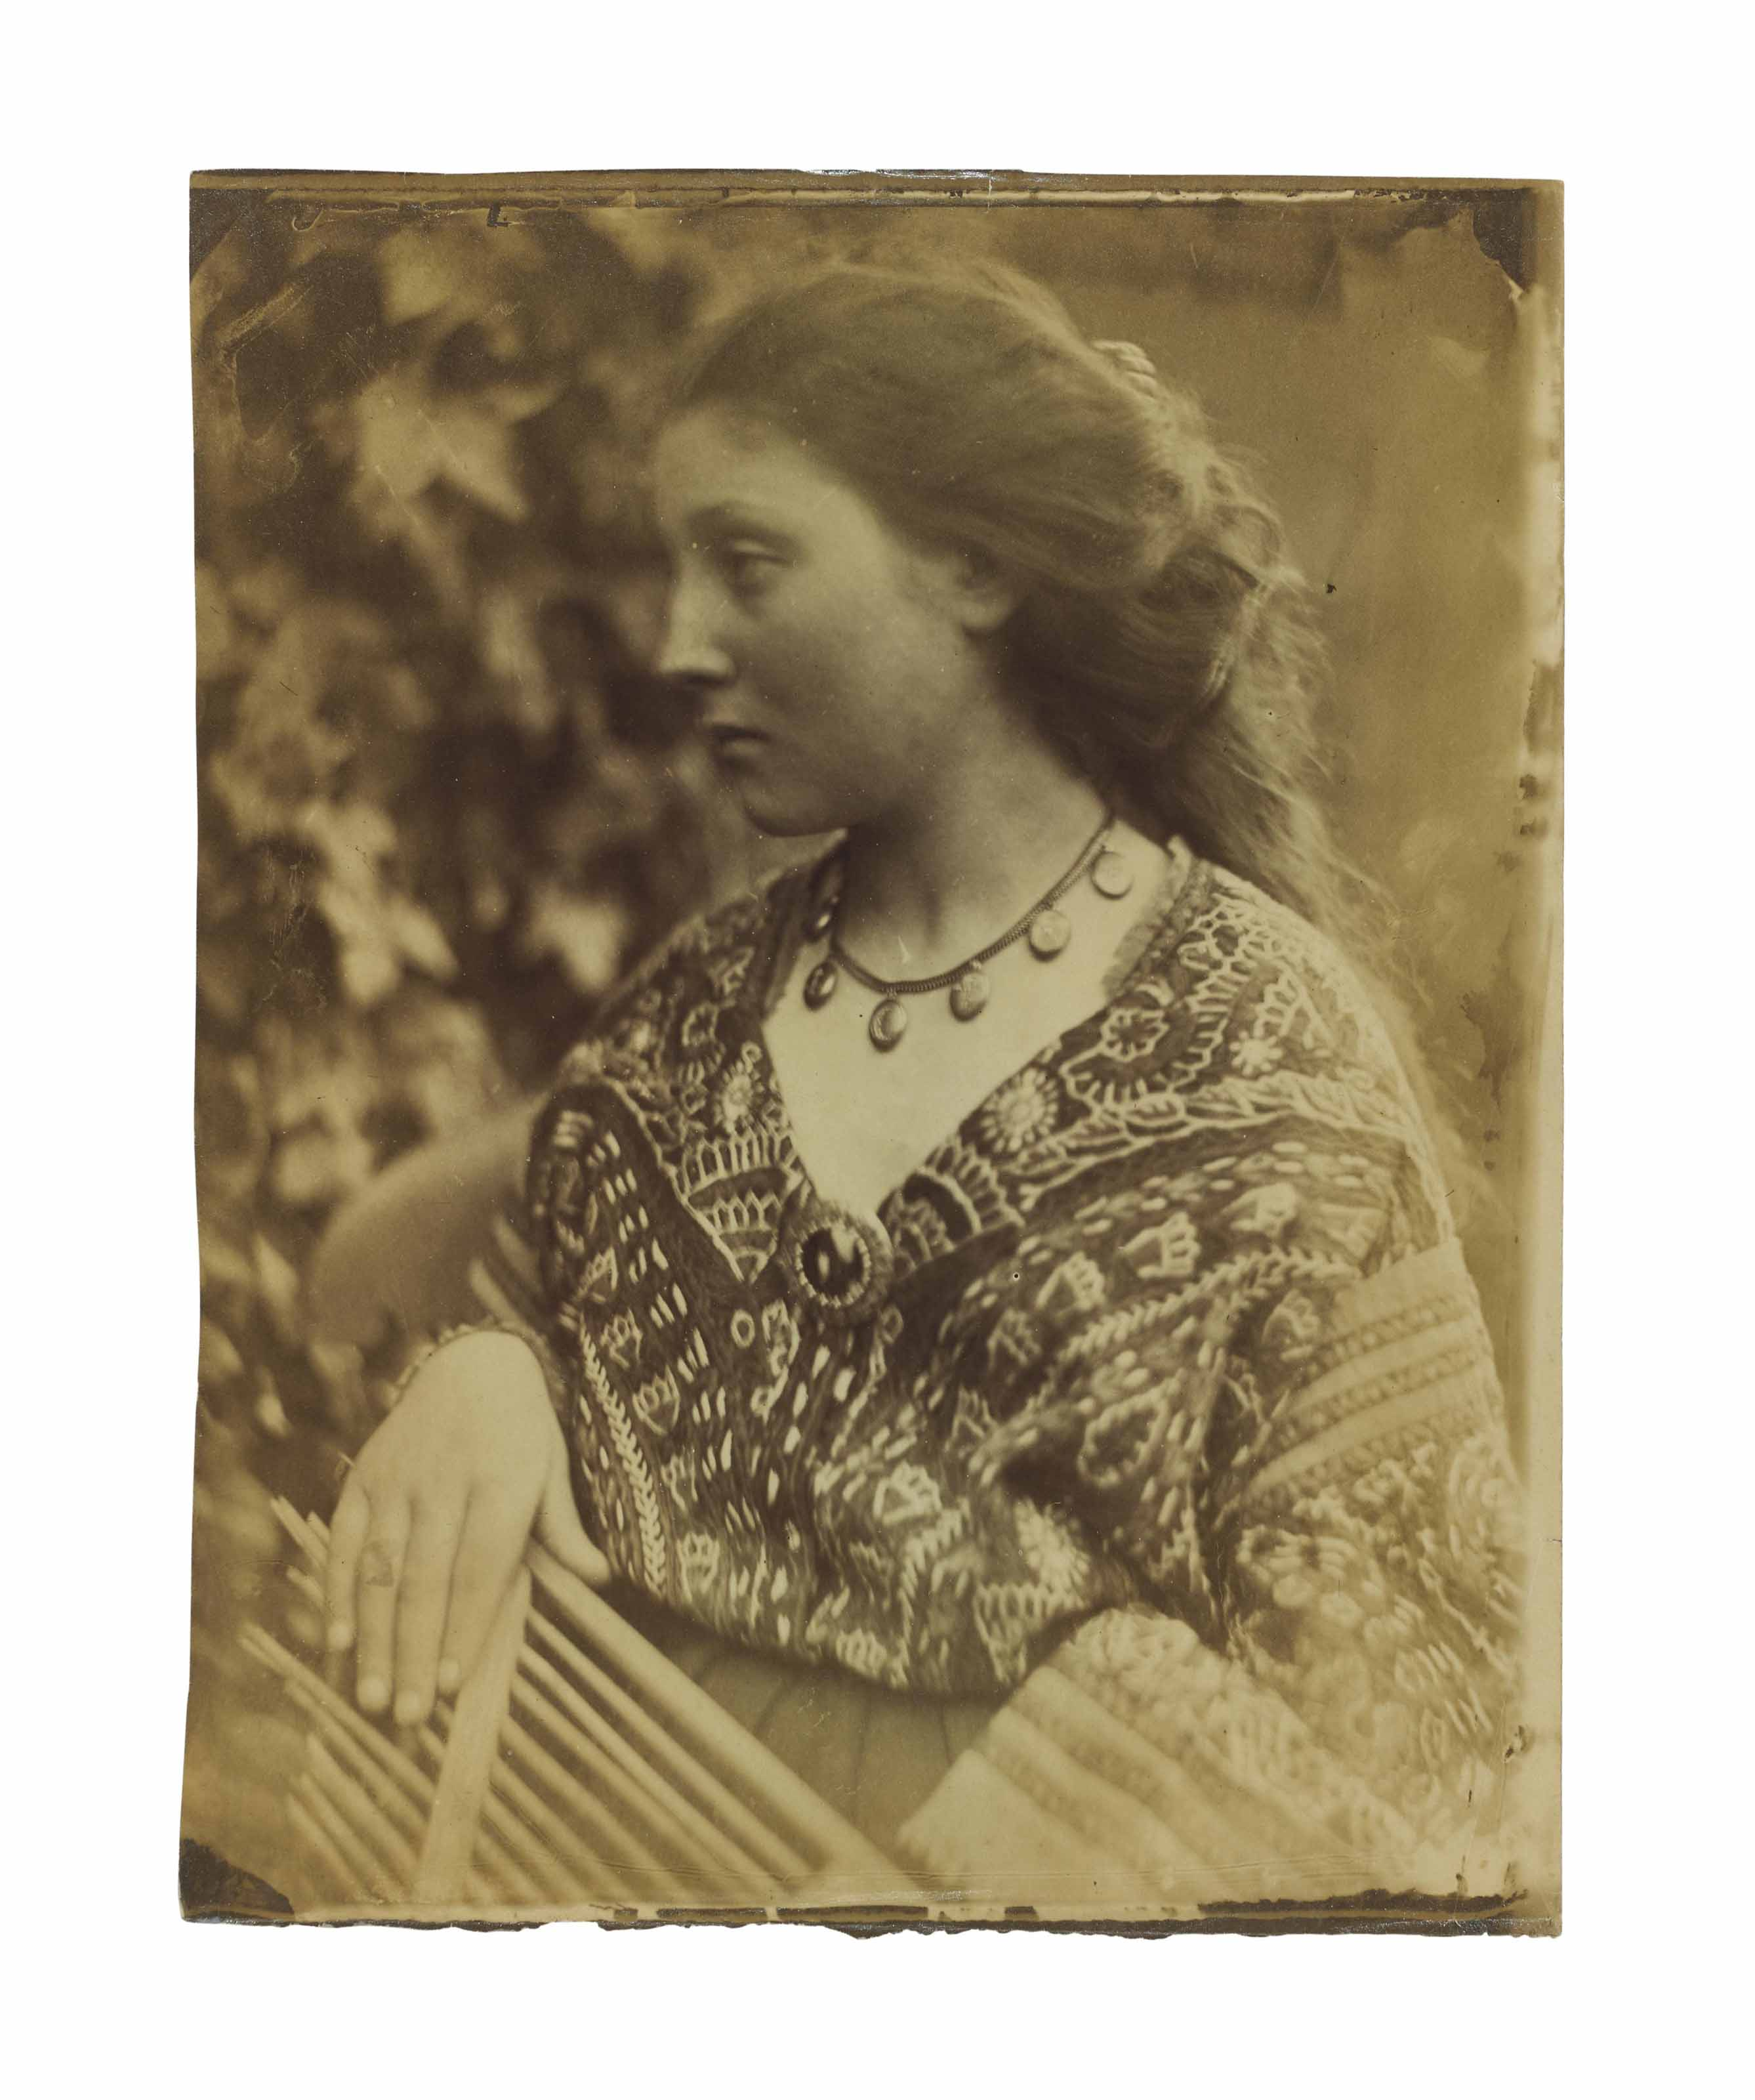 Sappho, Mary Hillier, 1865